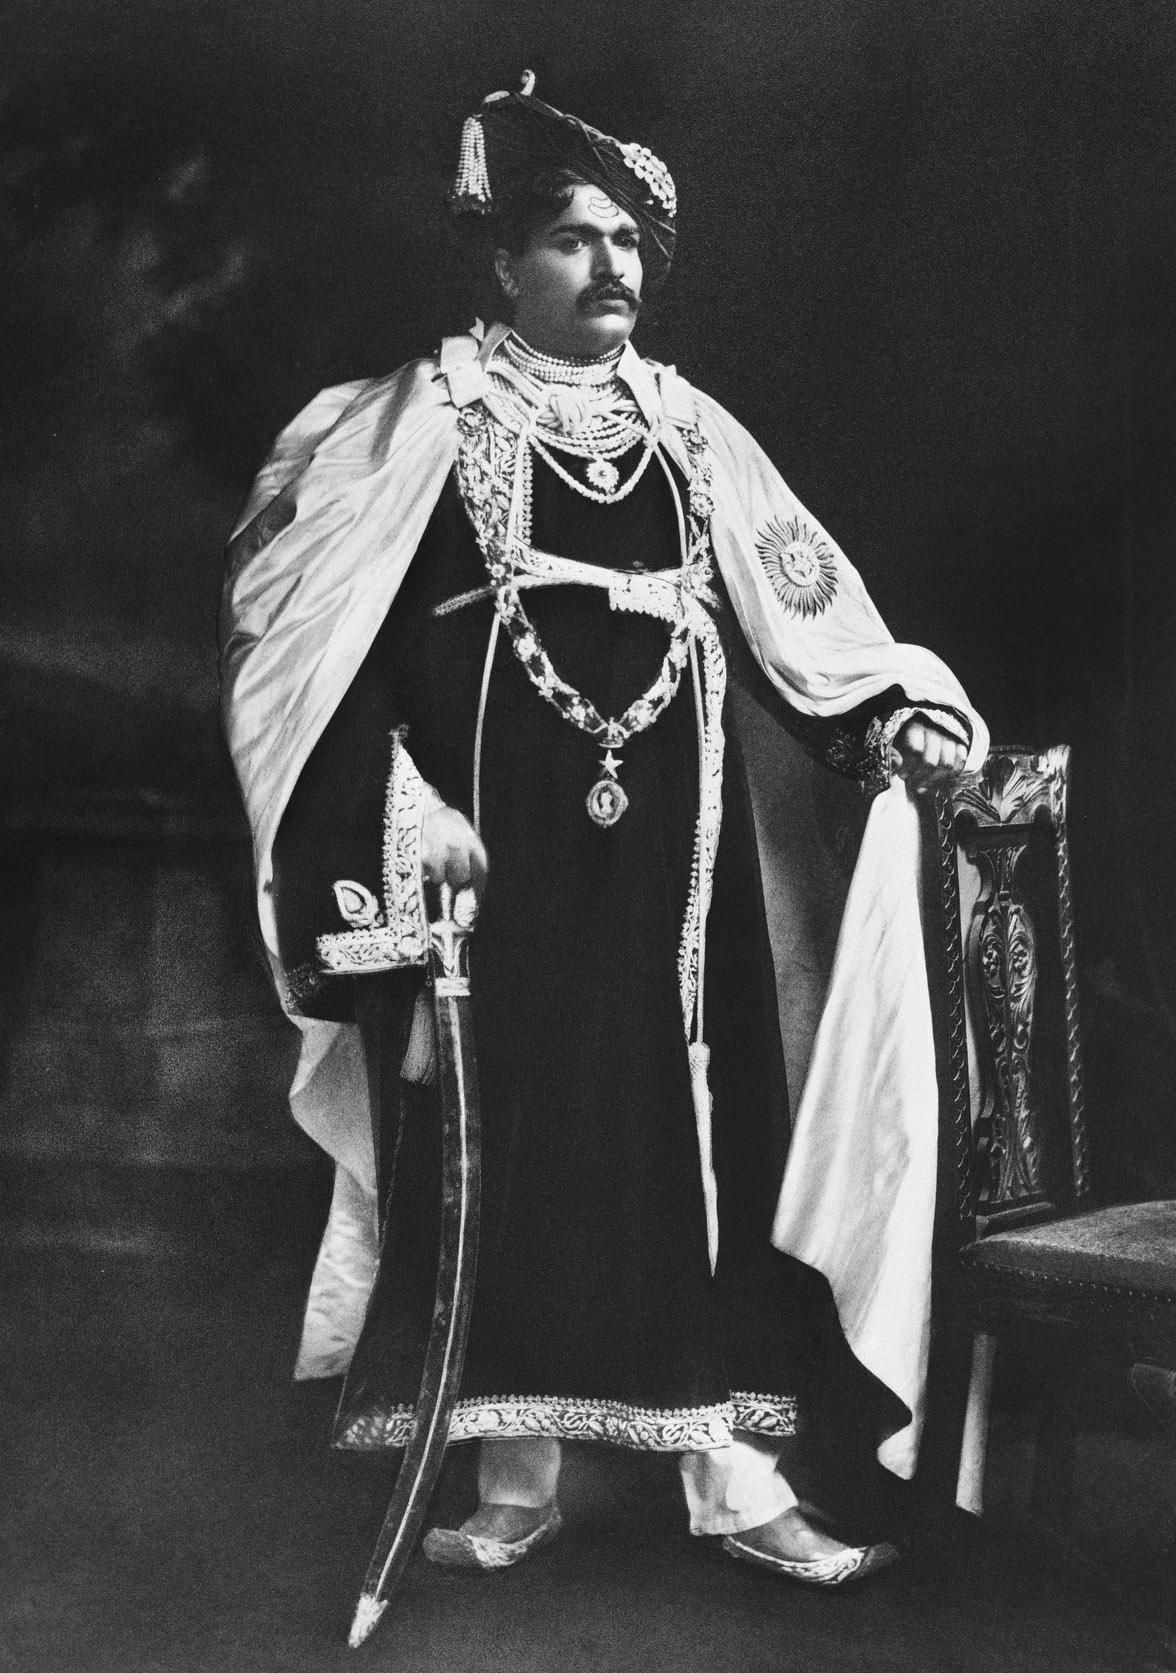 राजर्षी शाहू महाराज, शाहू, शाहू महाराज कार्य, लोकराजा, Lokraja, Rajrshi Shahu Maharaj, Chhatrapati Shahu Maharaj, Kolhapur Maharaja, shahu karya, Shau contribution